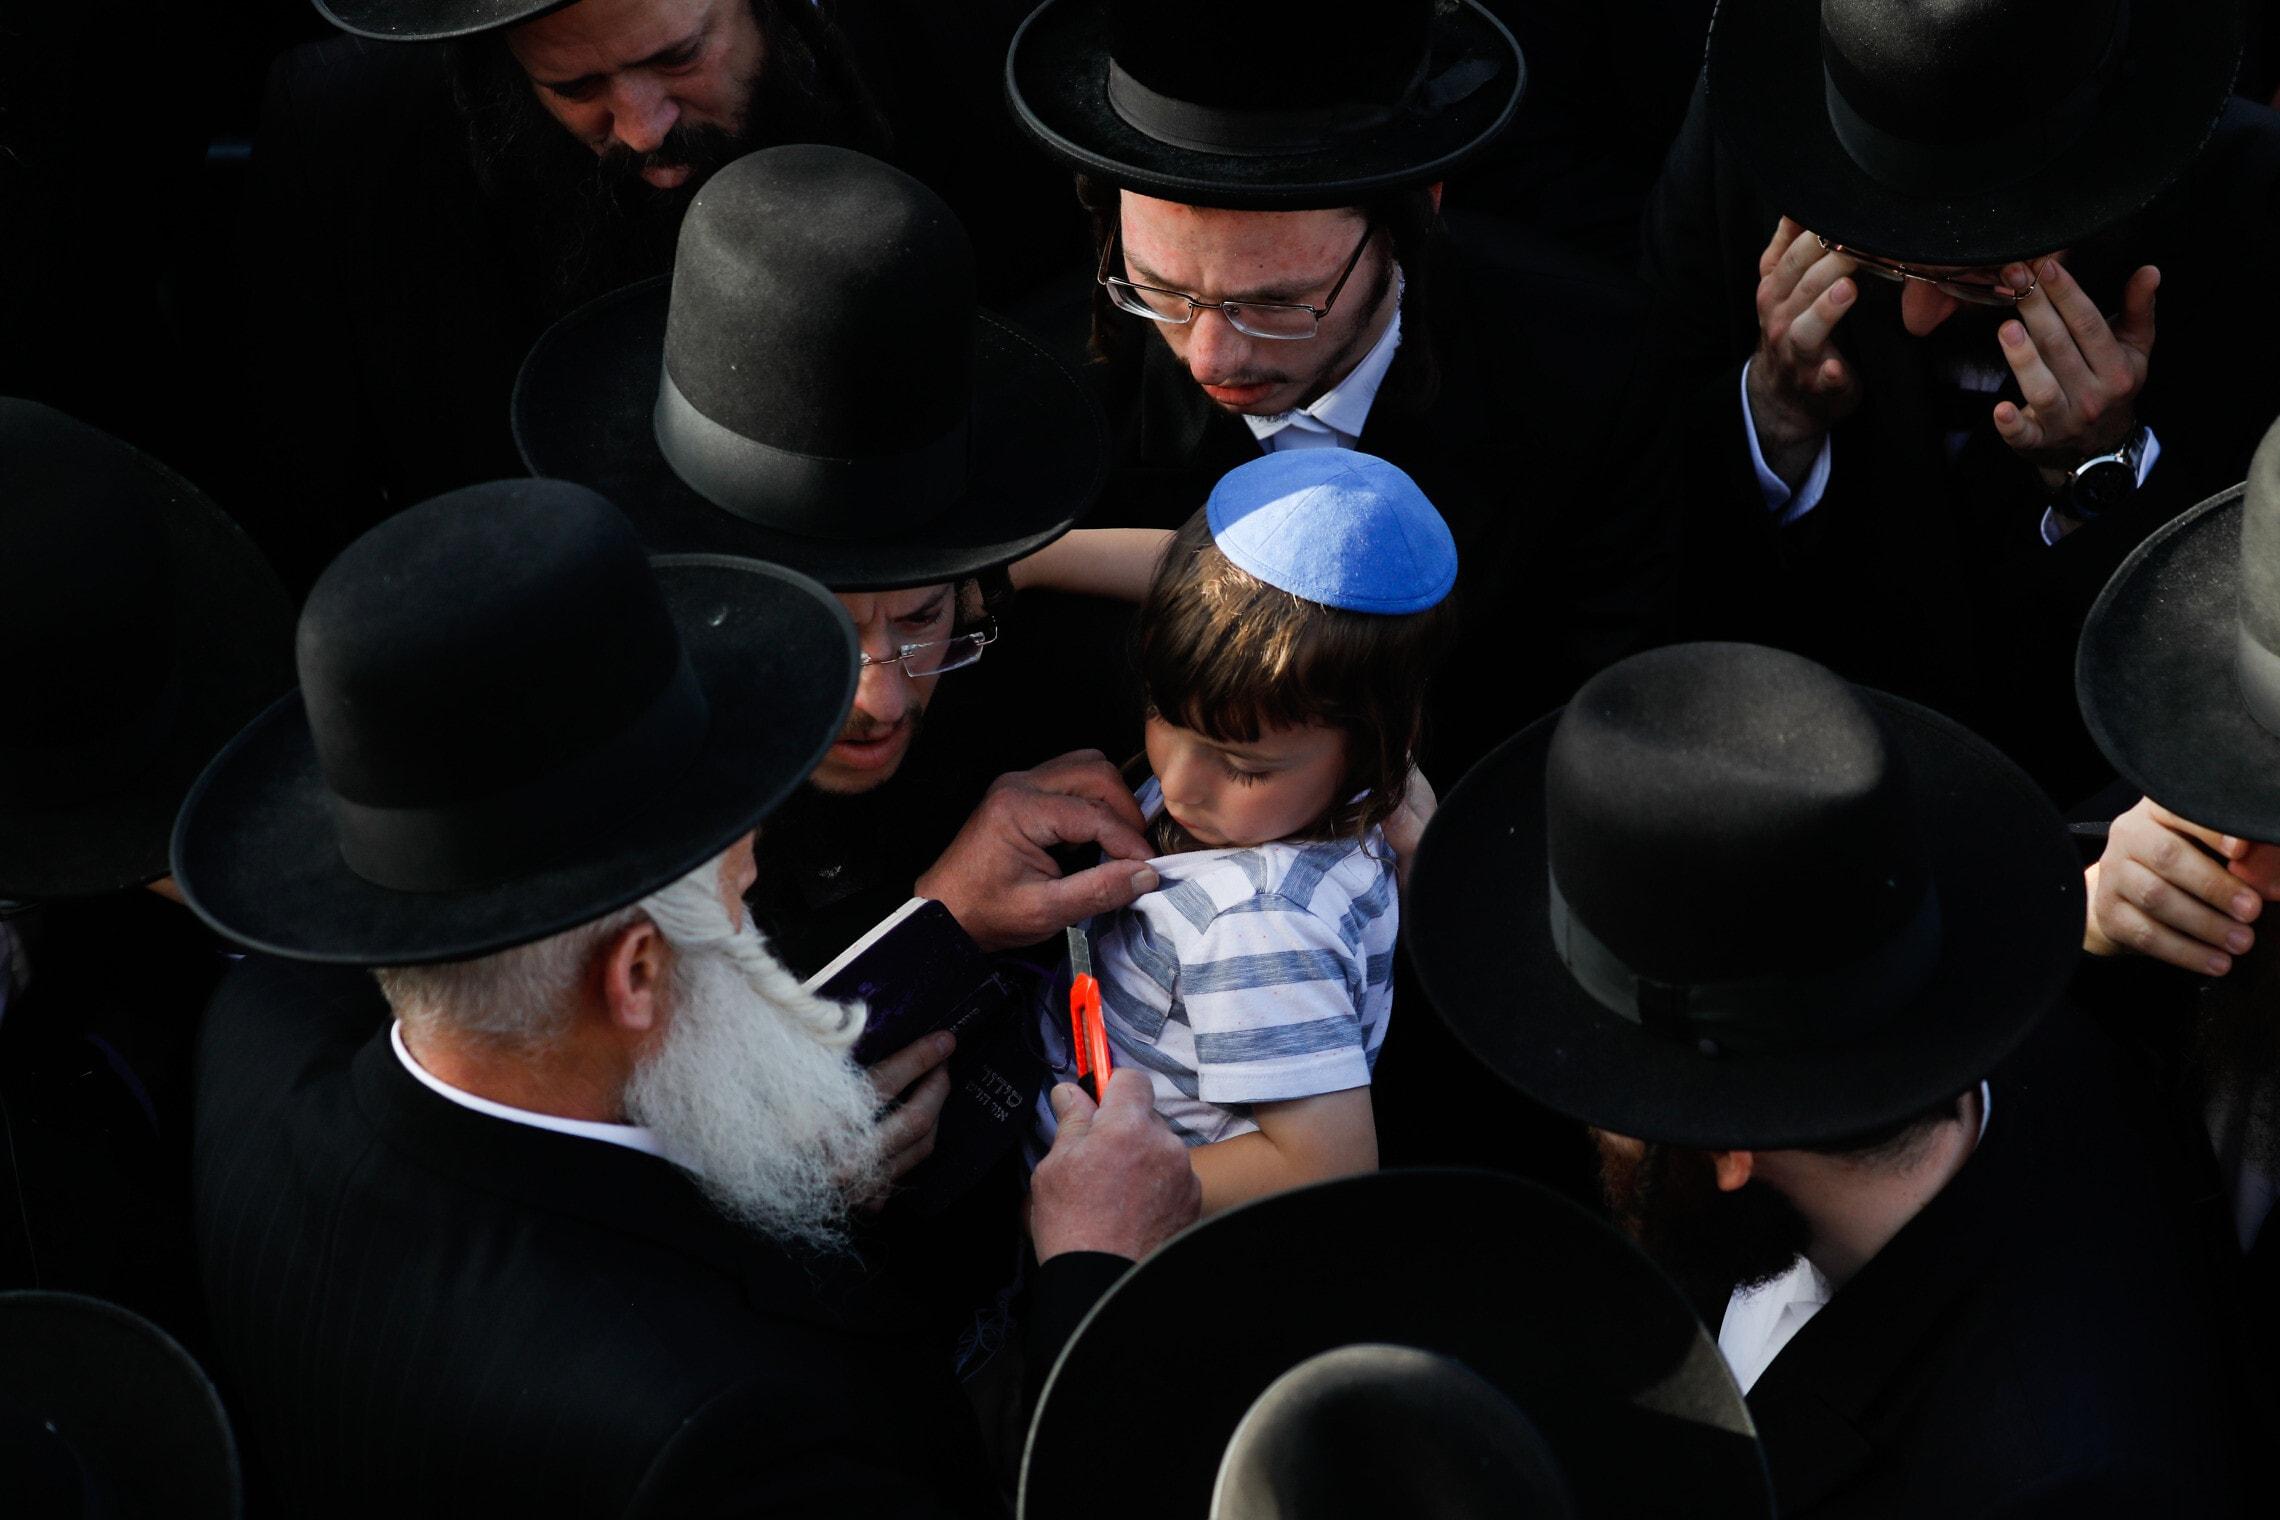 בנו של ההרוג דוד קרויס שנהרג באסון בהר מירון, בהלוויתו בירושלים, 30 באפריל 2021 (צילום: אוליבייה פיטוסי/פלאש90)